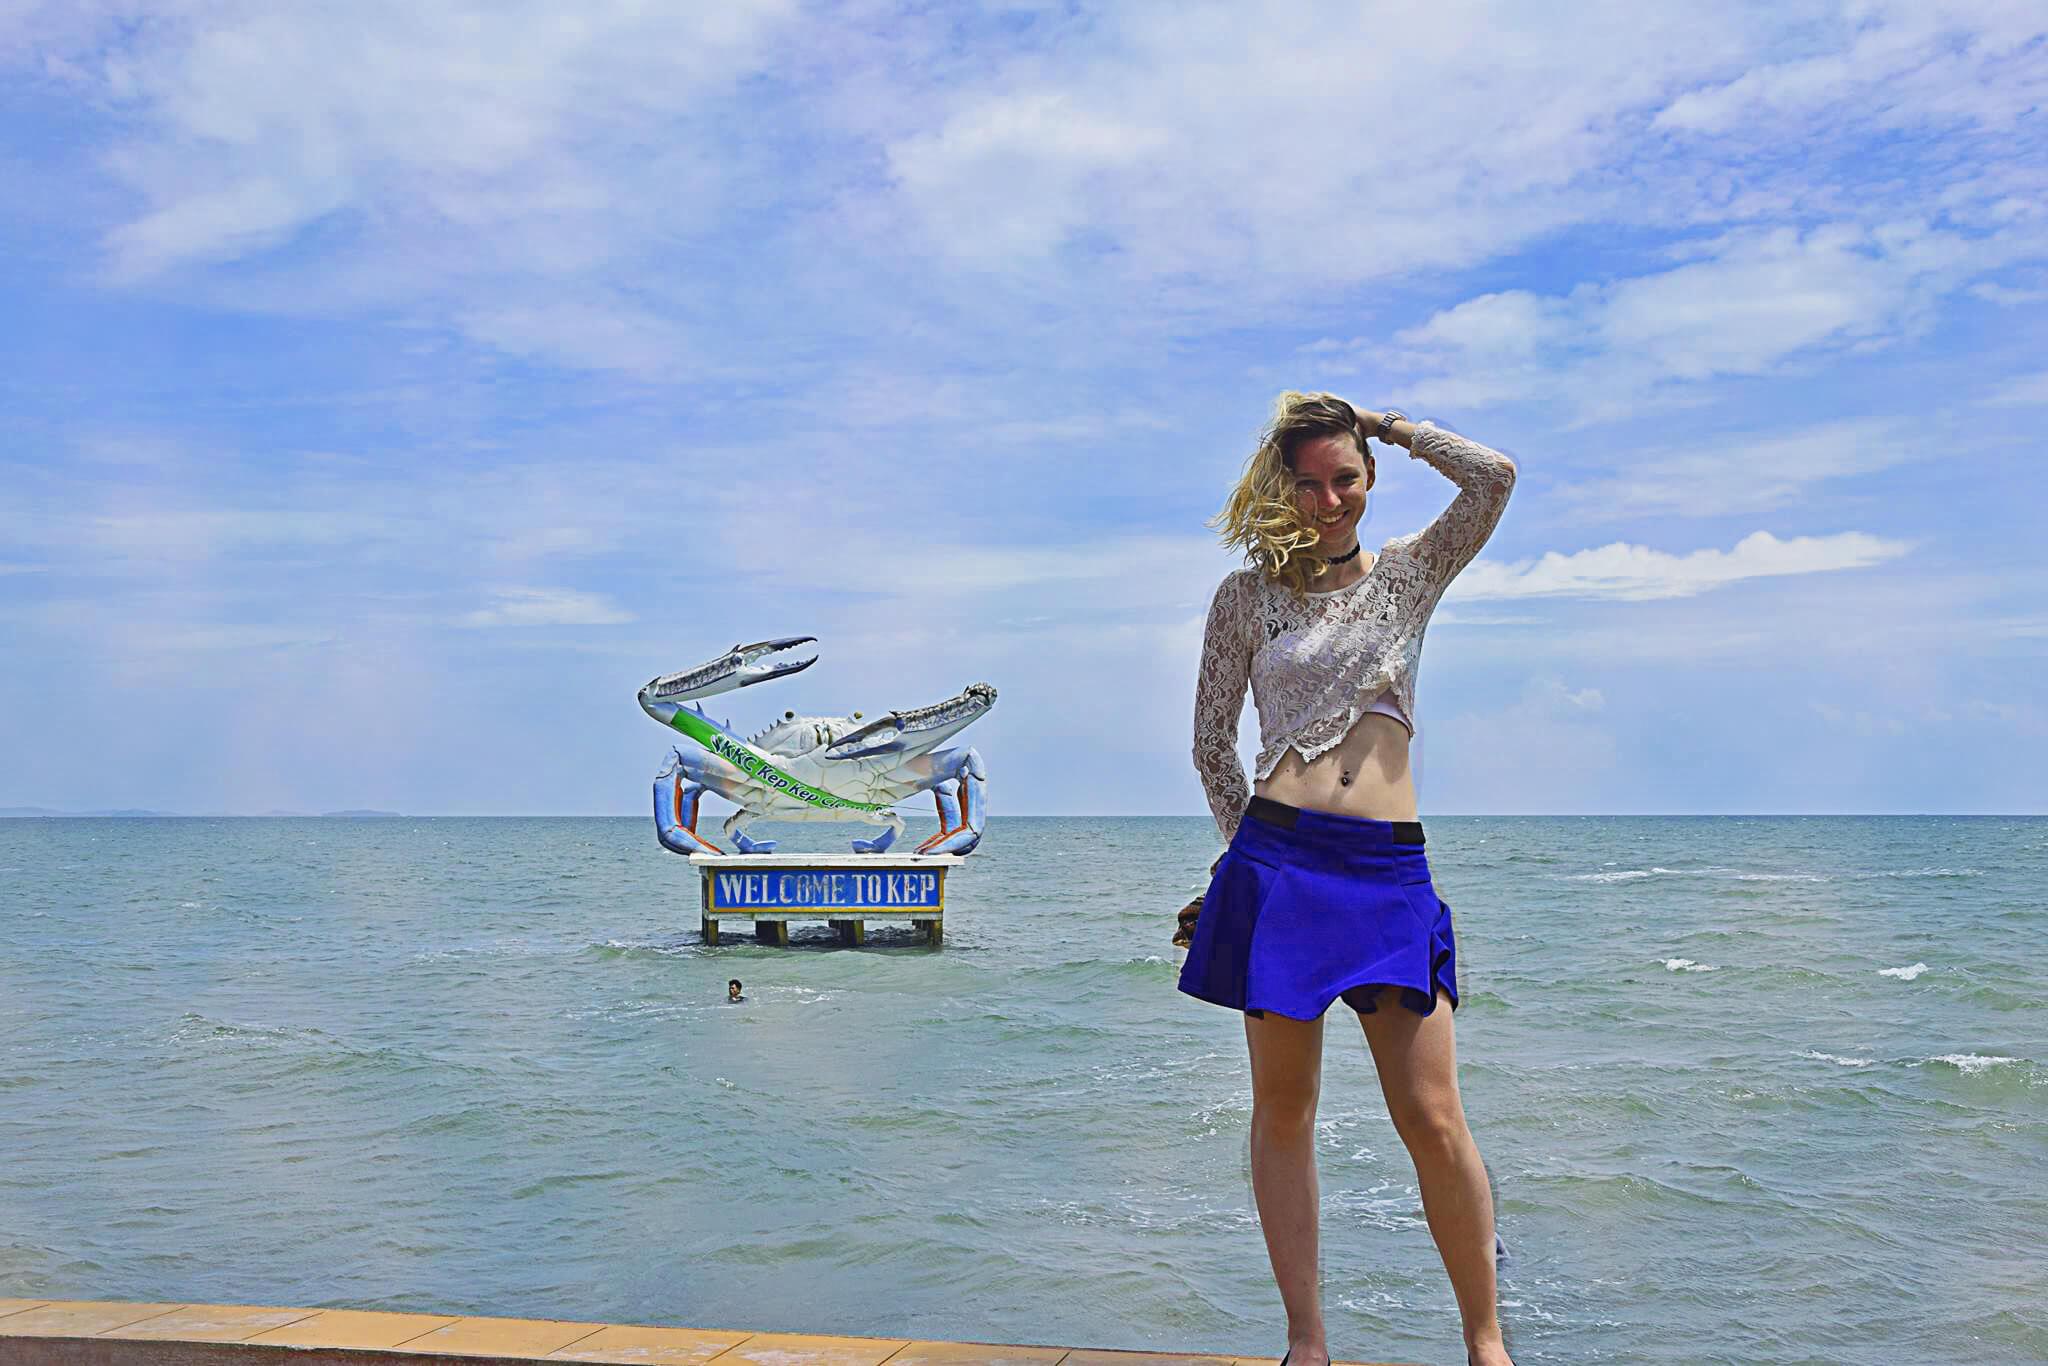 kep-Cambodge-La revue de Kathleen-Blog-lifestyle-voyage-paris